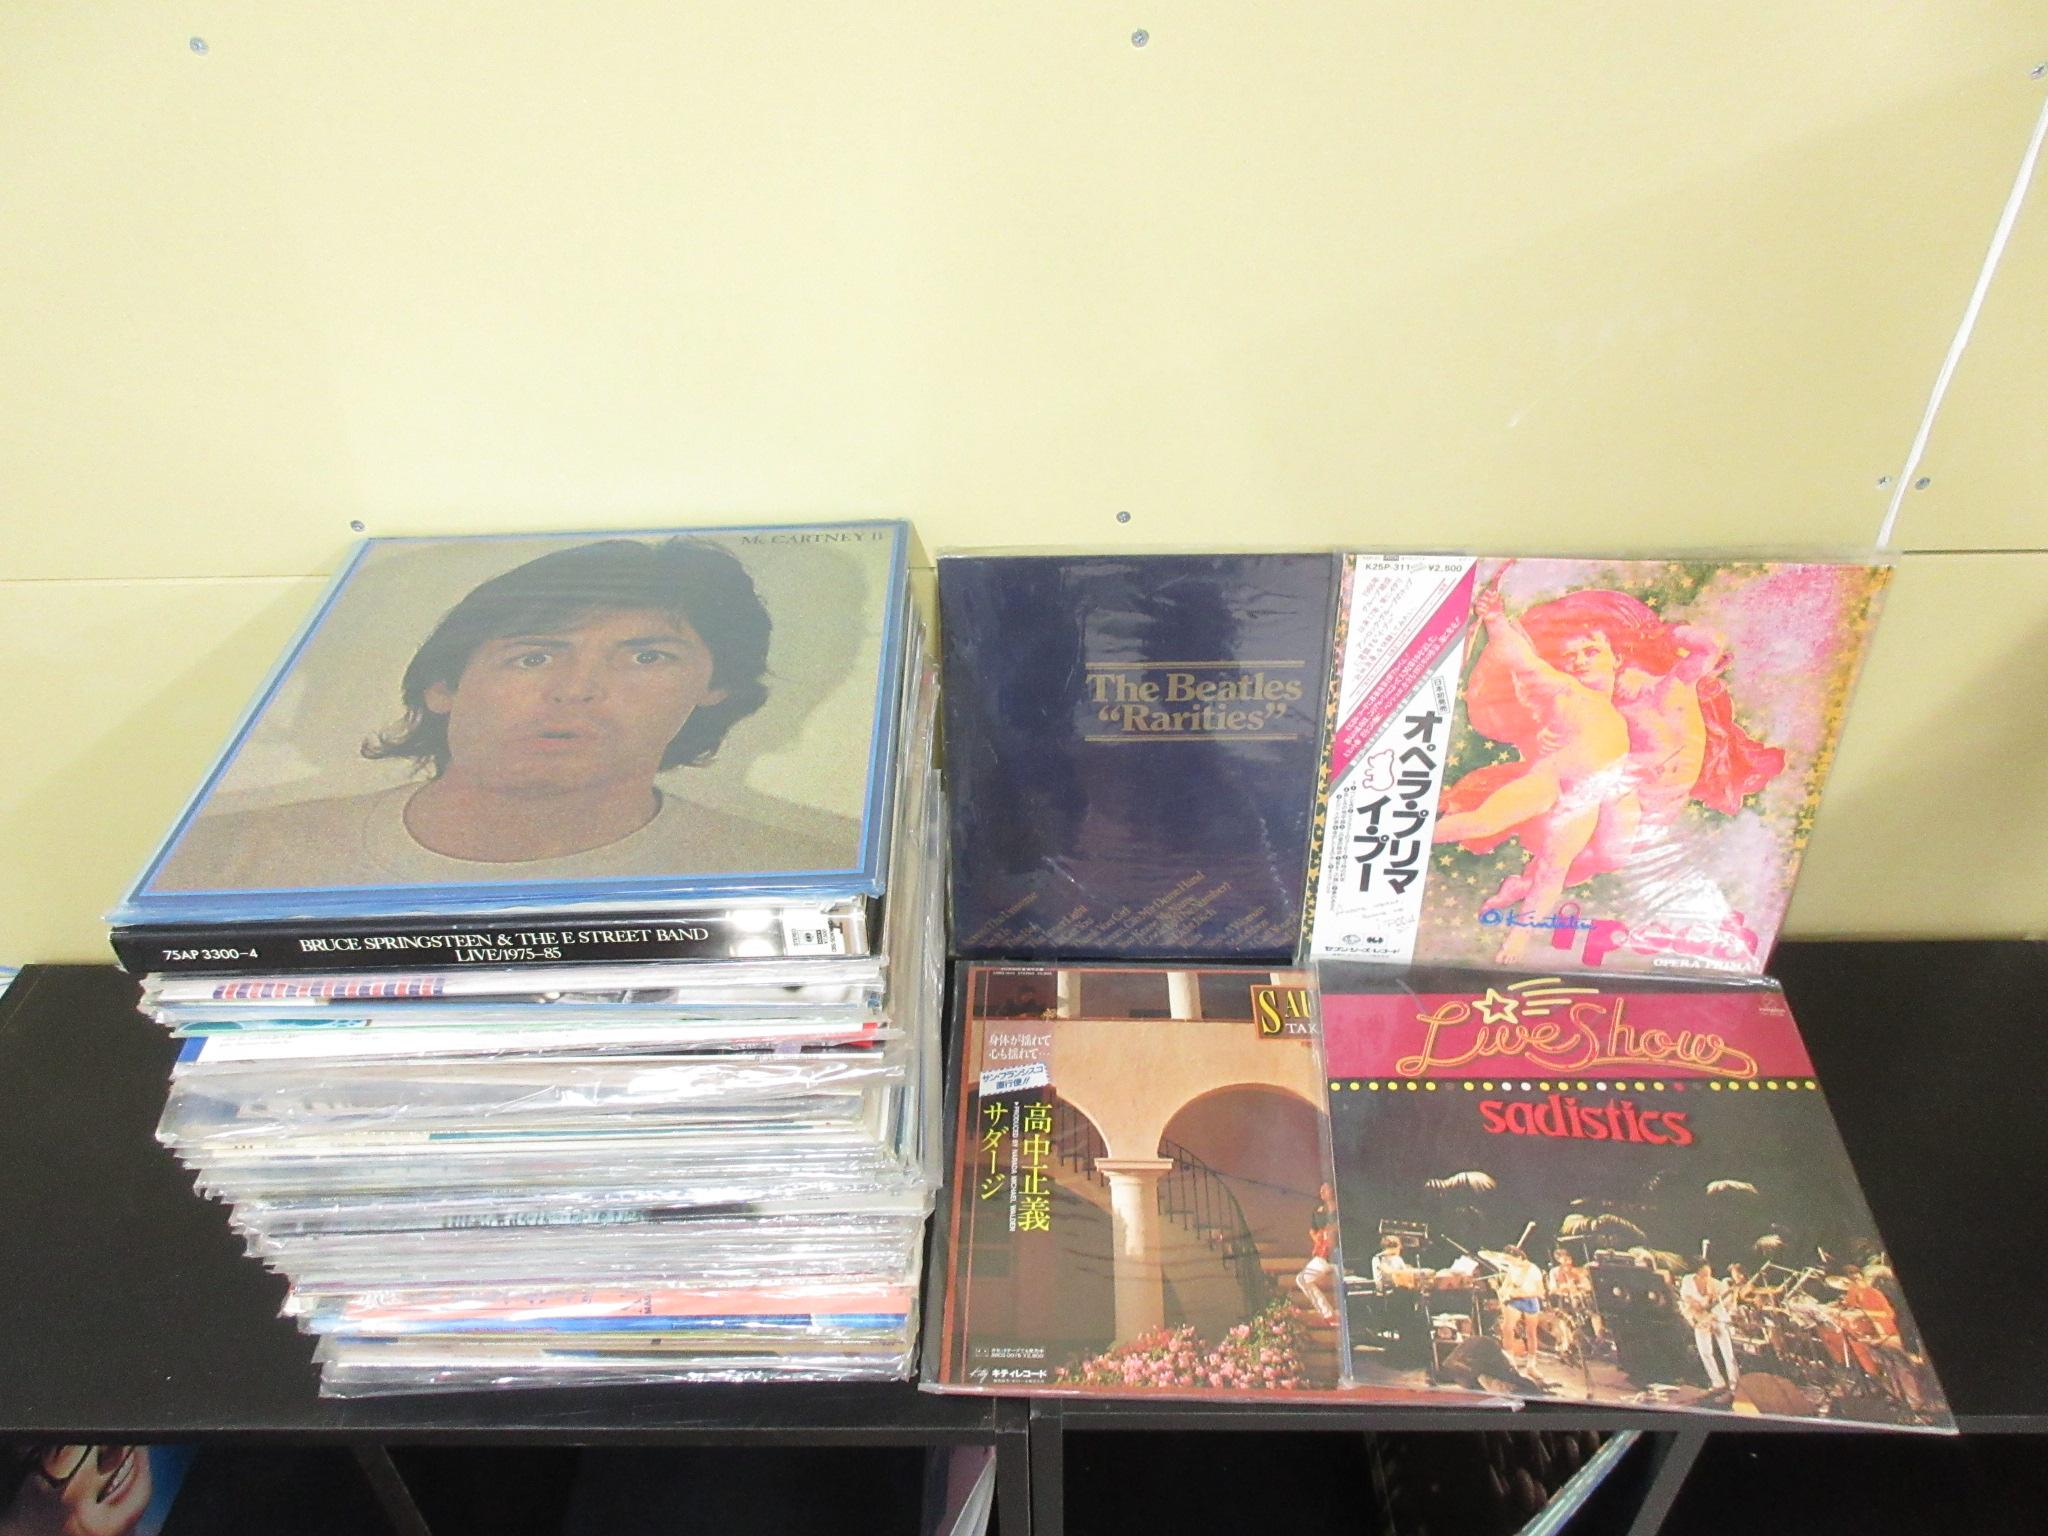 大阪のレコード買取店「TU-Field」ではジャズ、フュージョンのレコードを高価買取しています